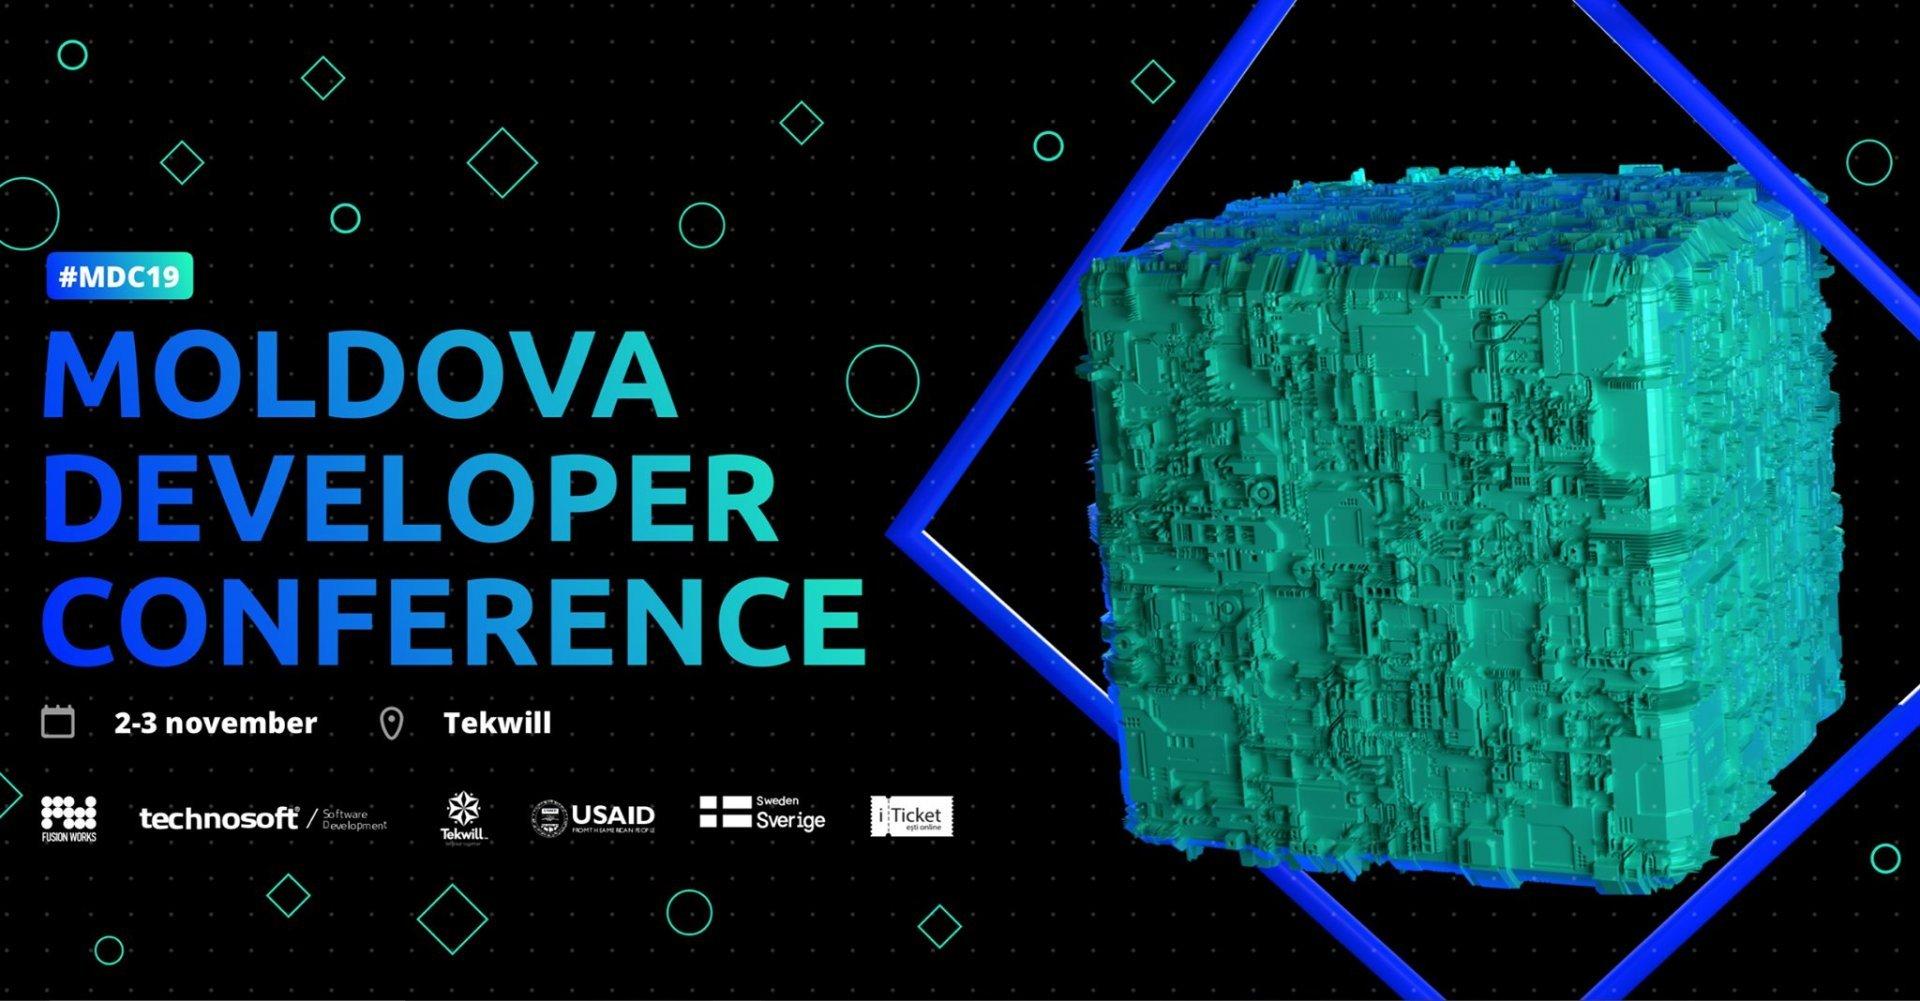 Moldova Developer Conference